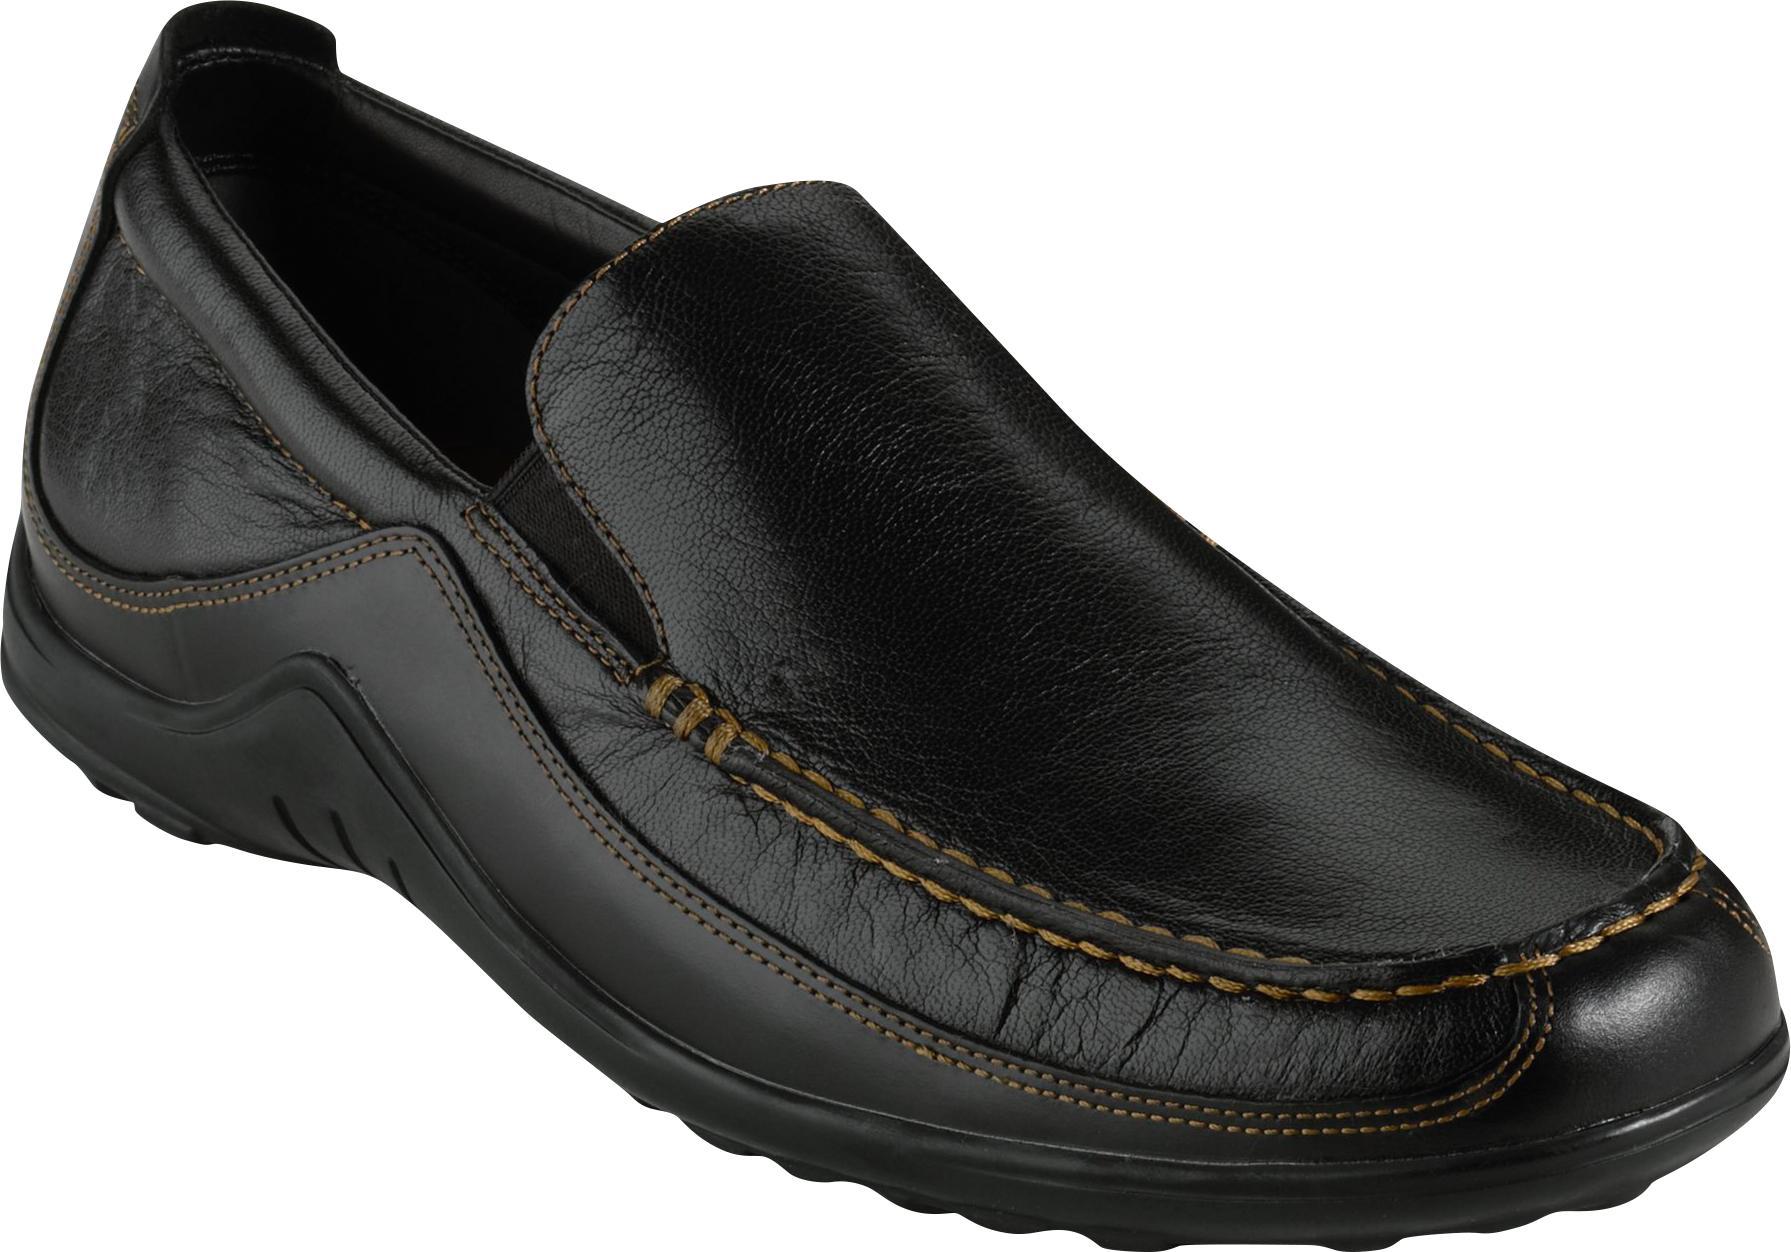 22c88c01d01 Tucker Venetian Shoes by Cole Haan - Cole Haan